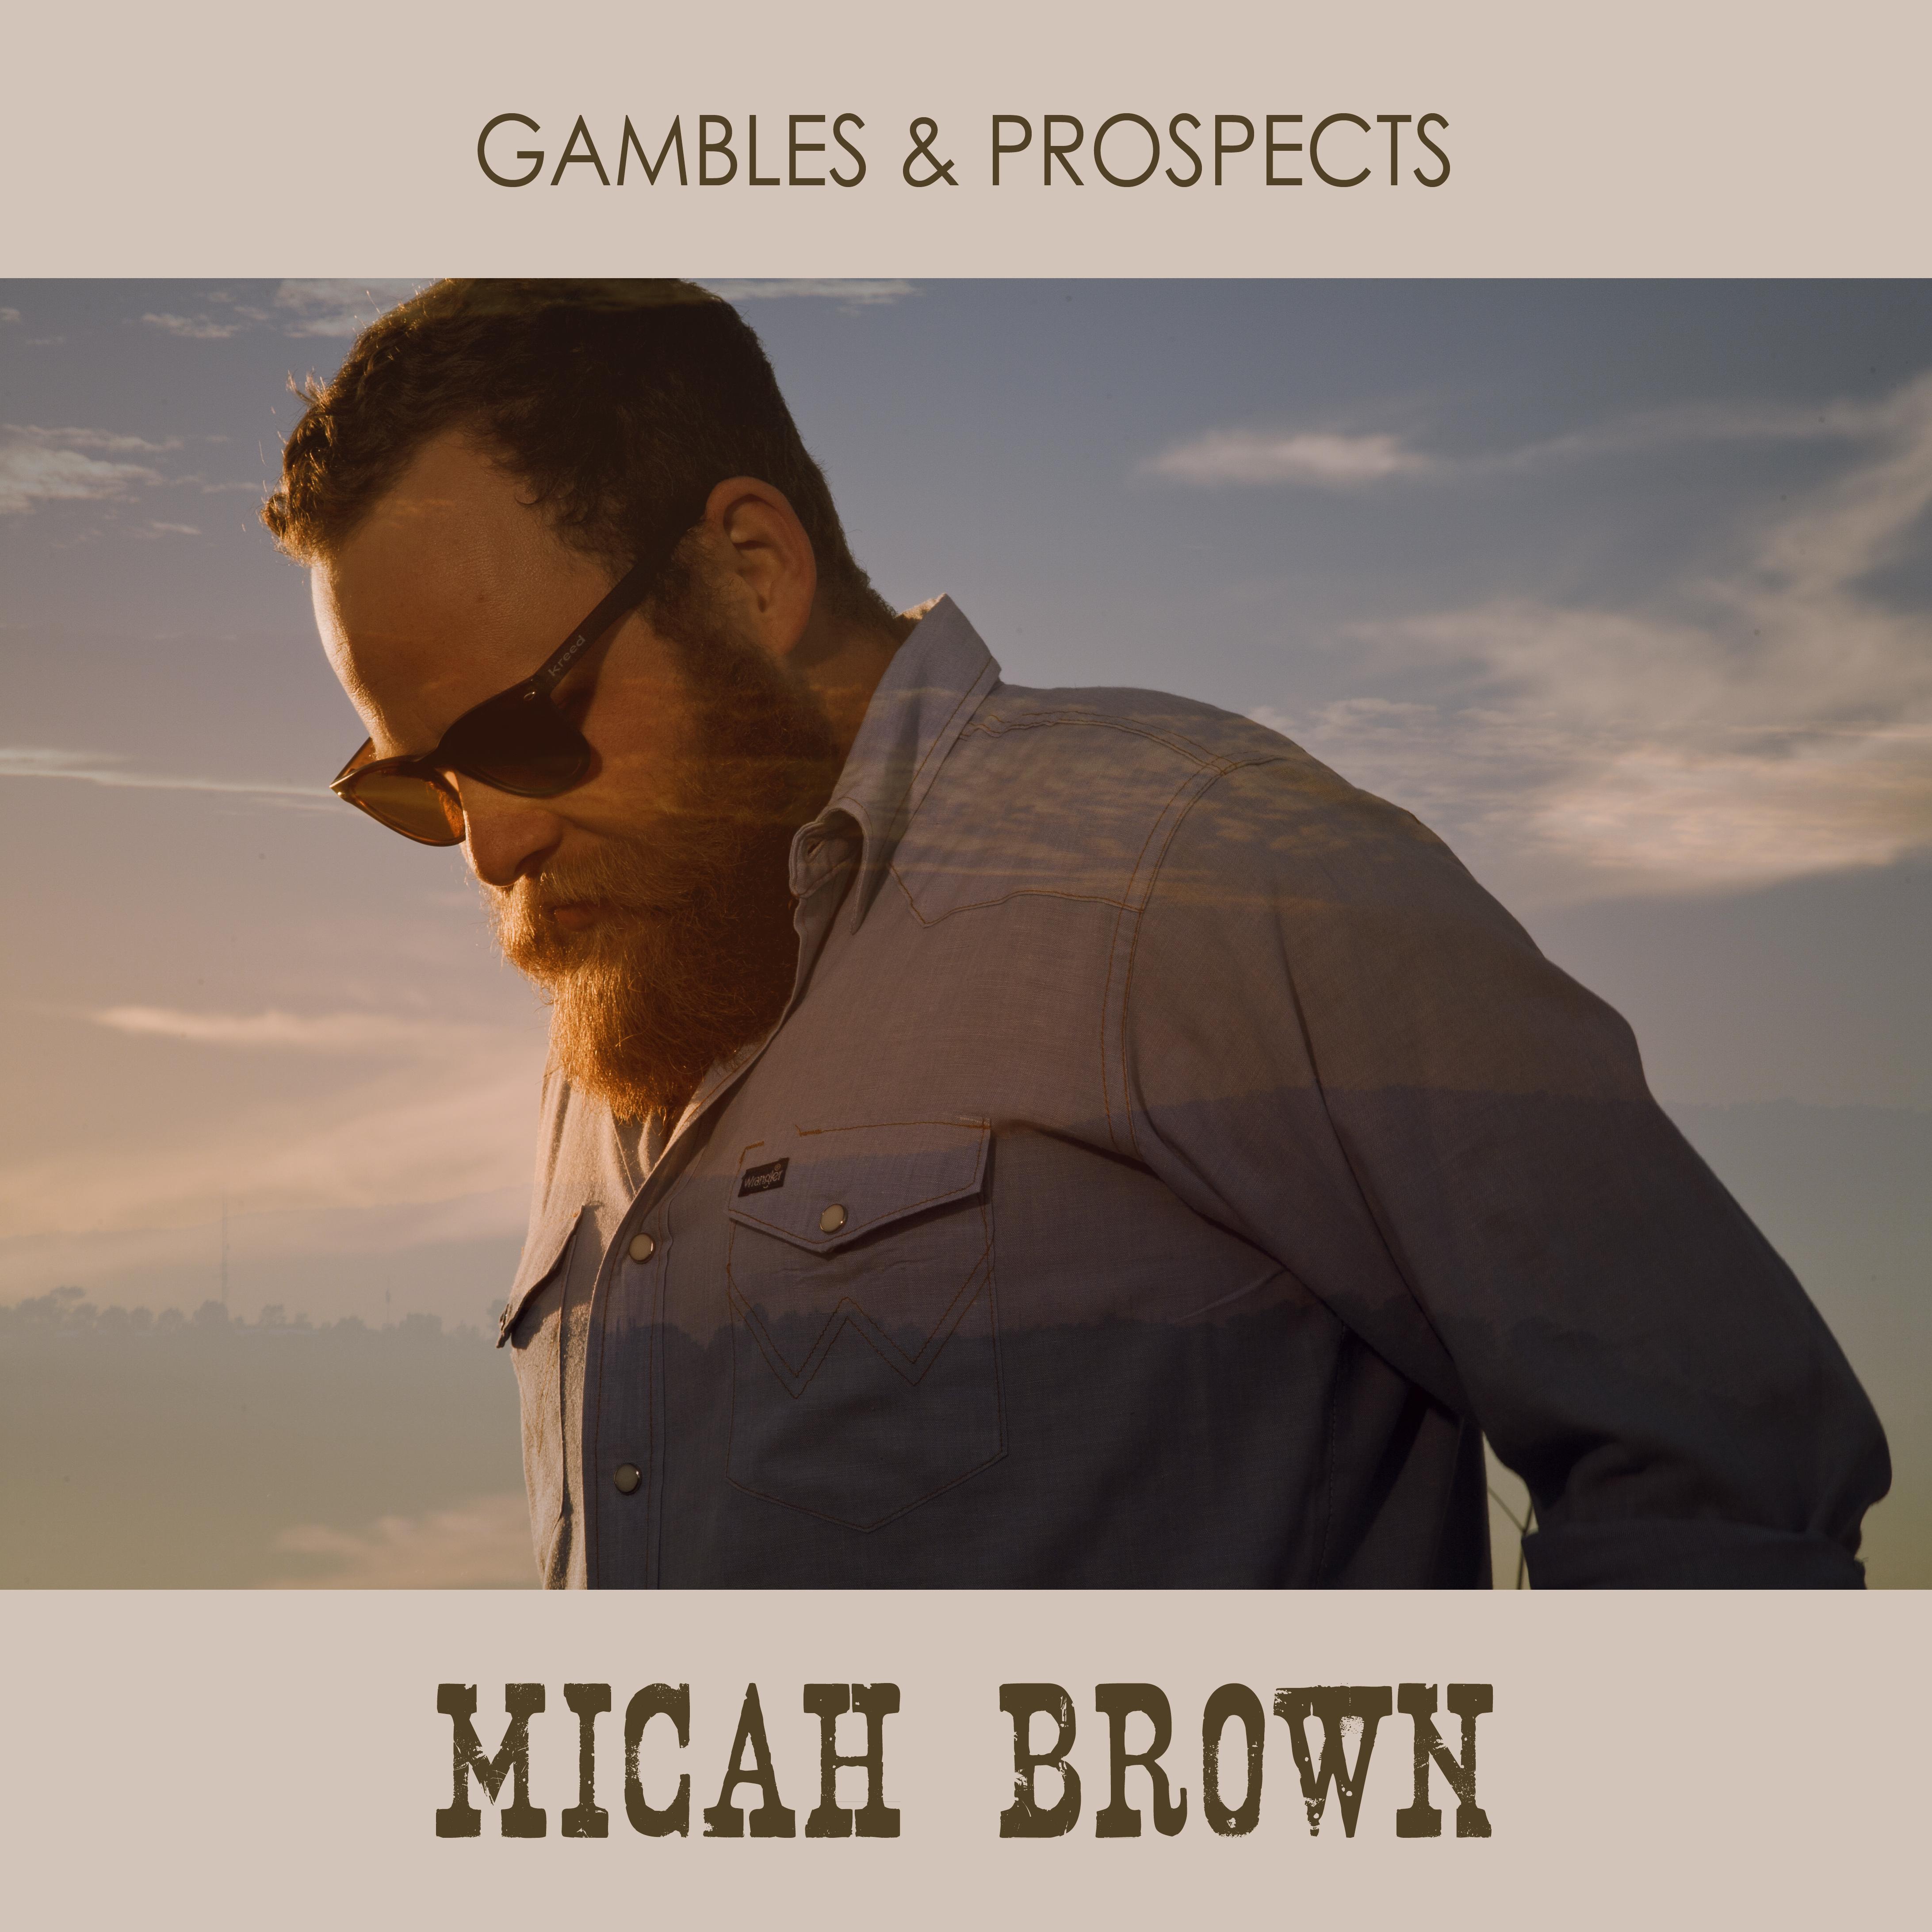 Gambles & Prospecs art